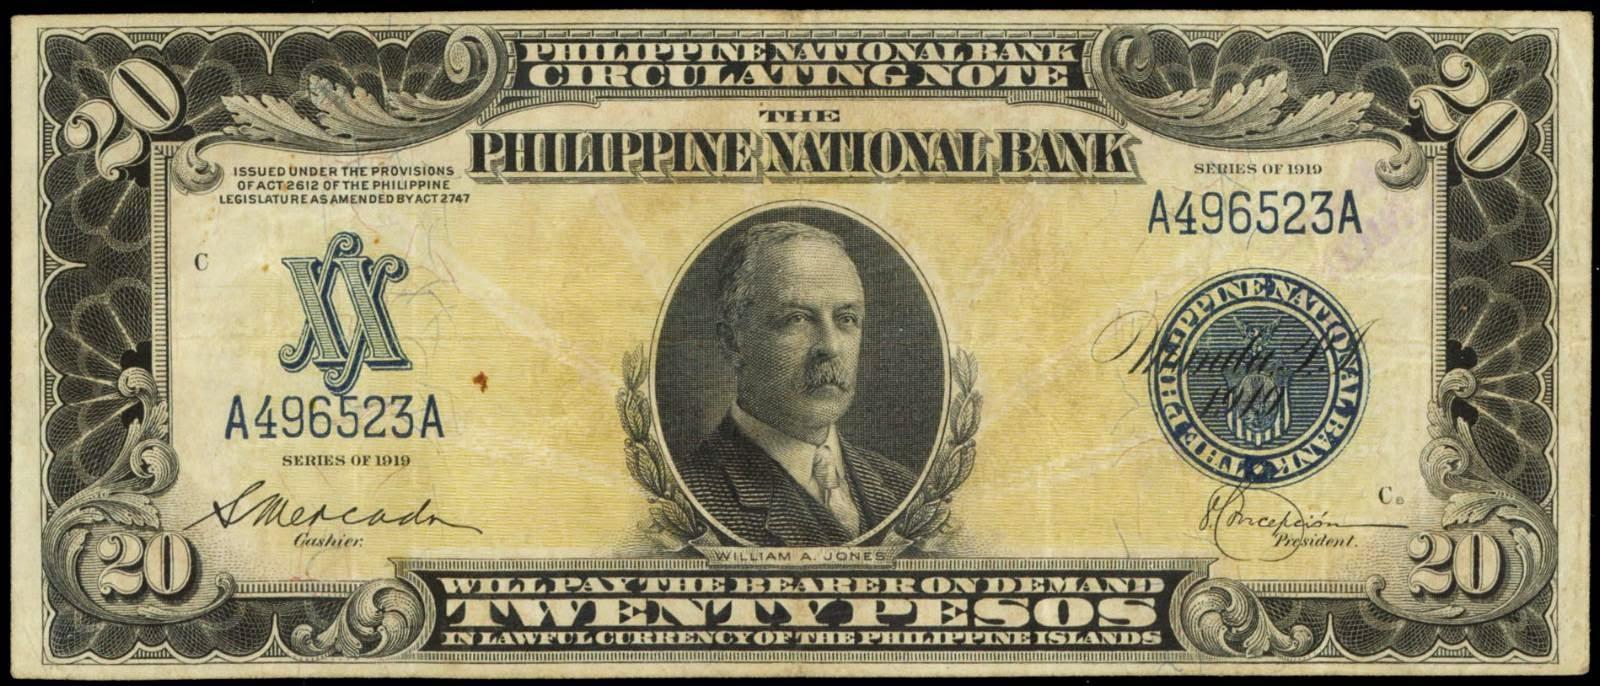 Philippines banknotes 20 Pesos Note 1919 Congressman William Jones